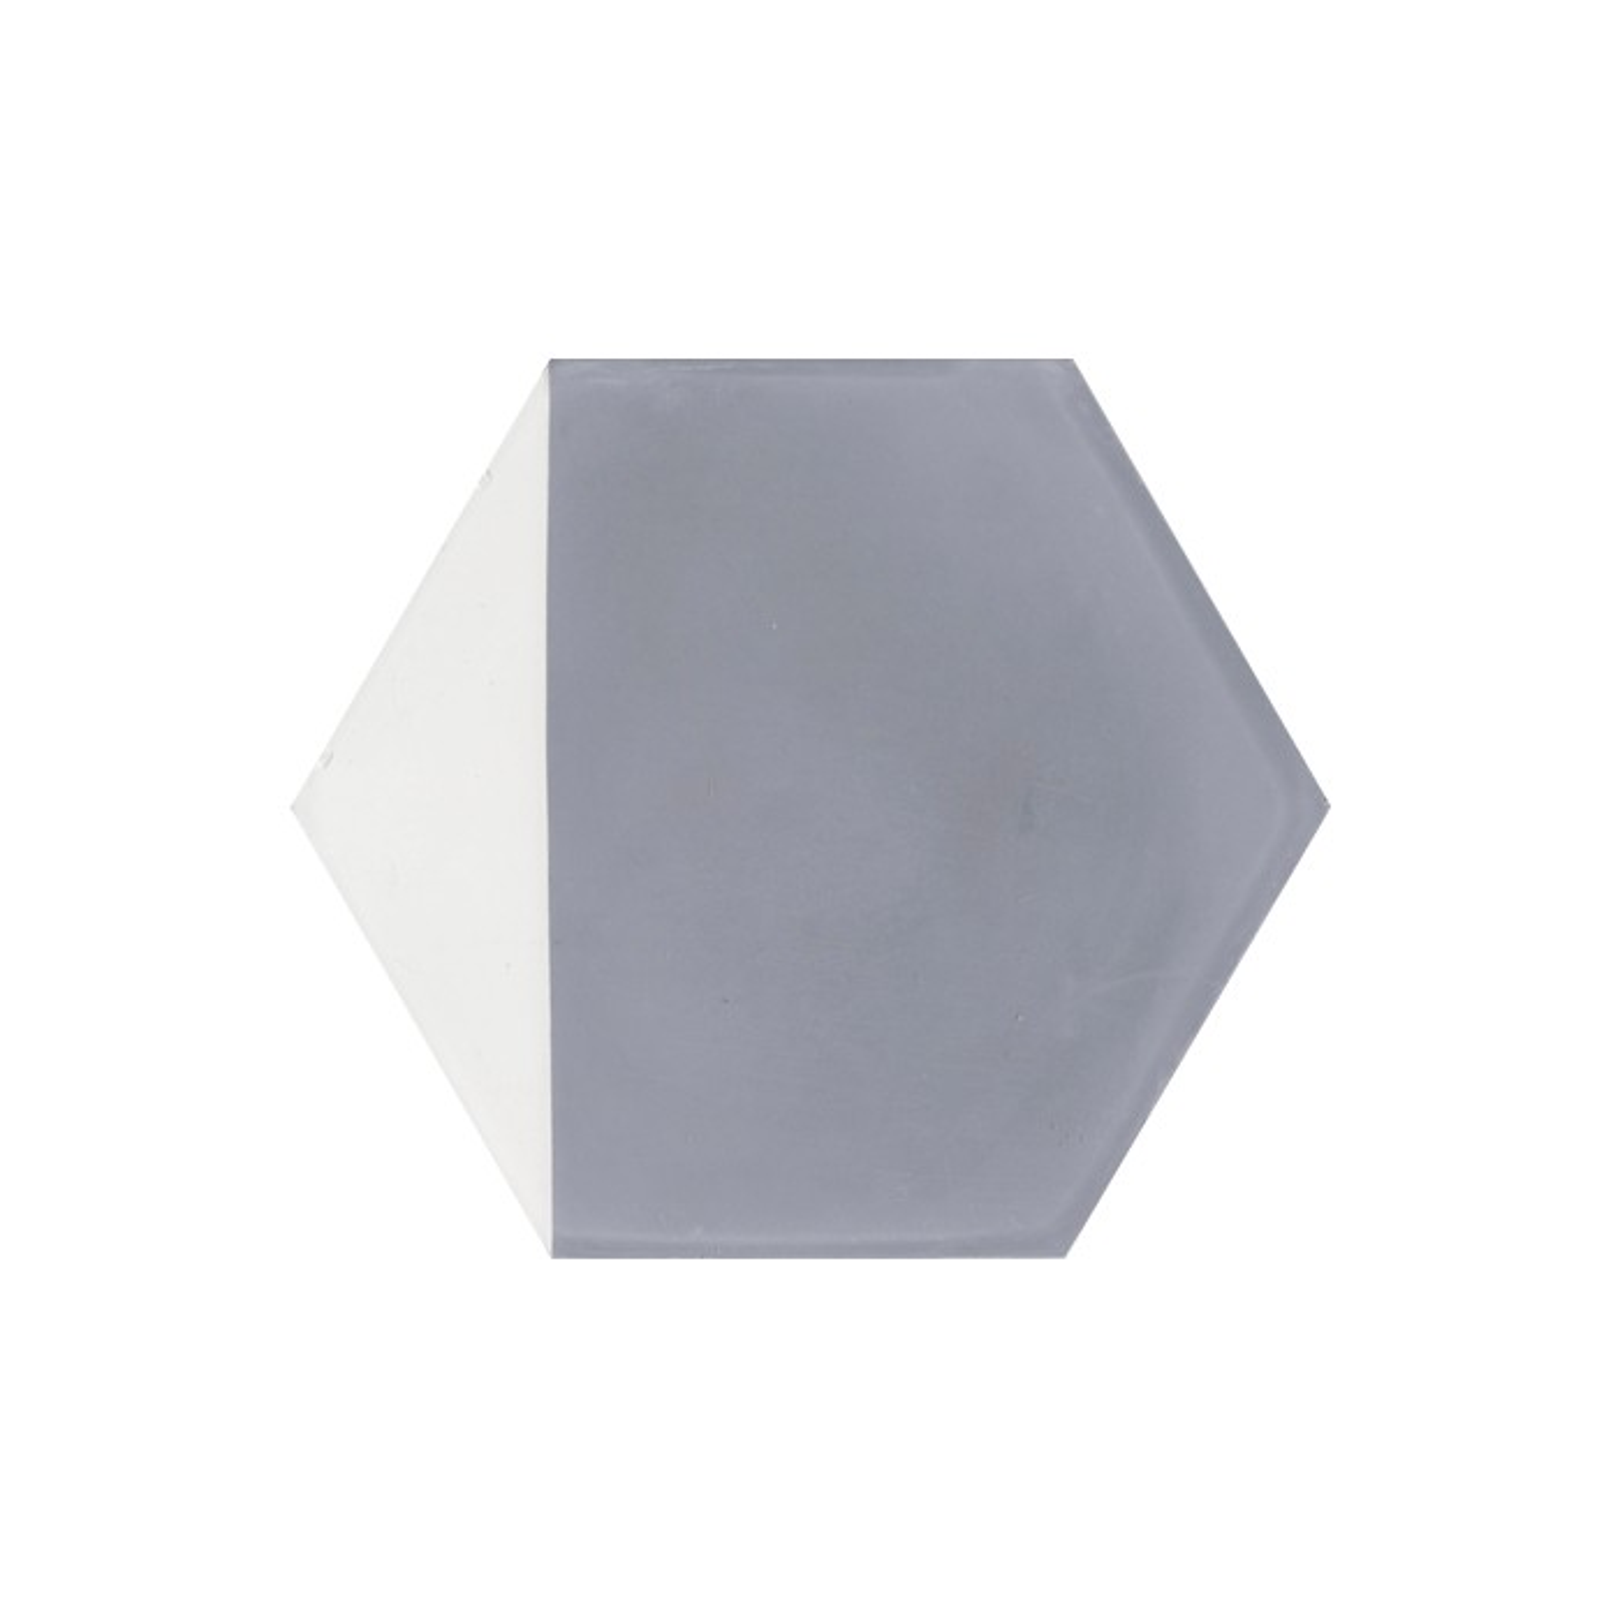 Carreau de ciment coloré Hexagone motif angle gris et blanc CLOVIS 33.10